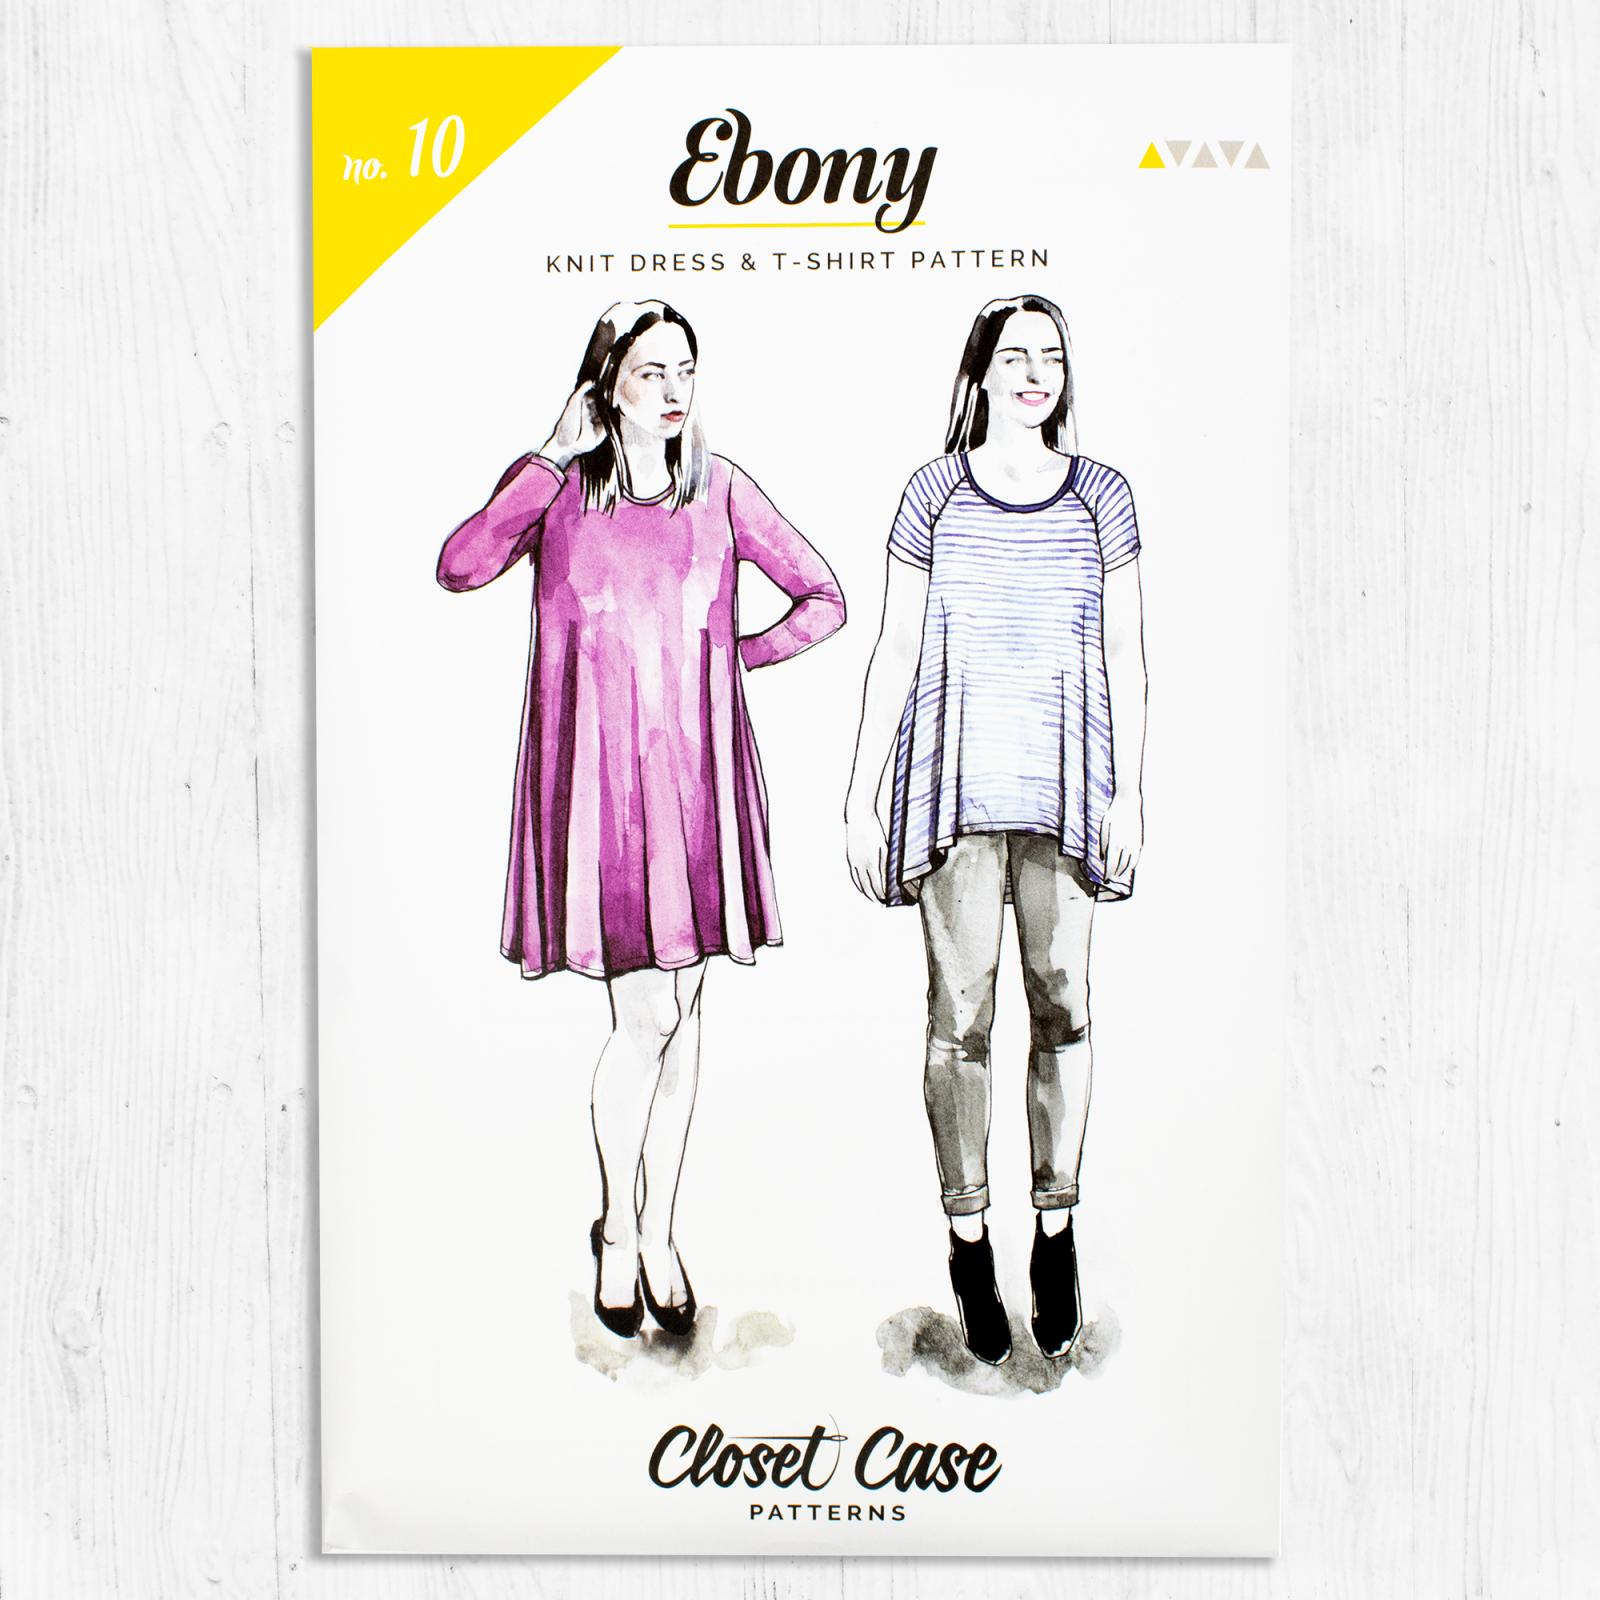 Closet Core Patterns - Ebony Knit Dress & Tee